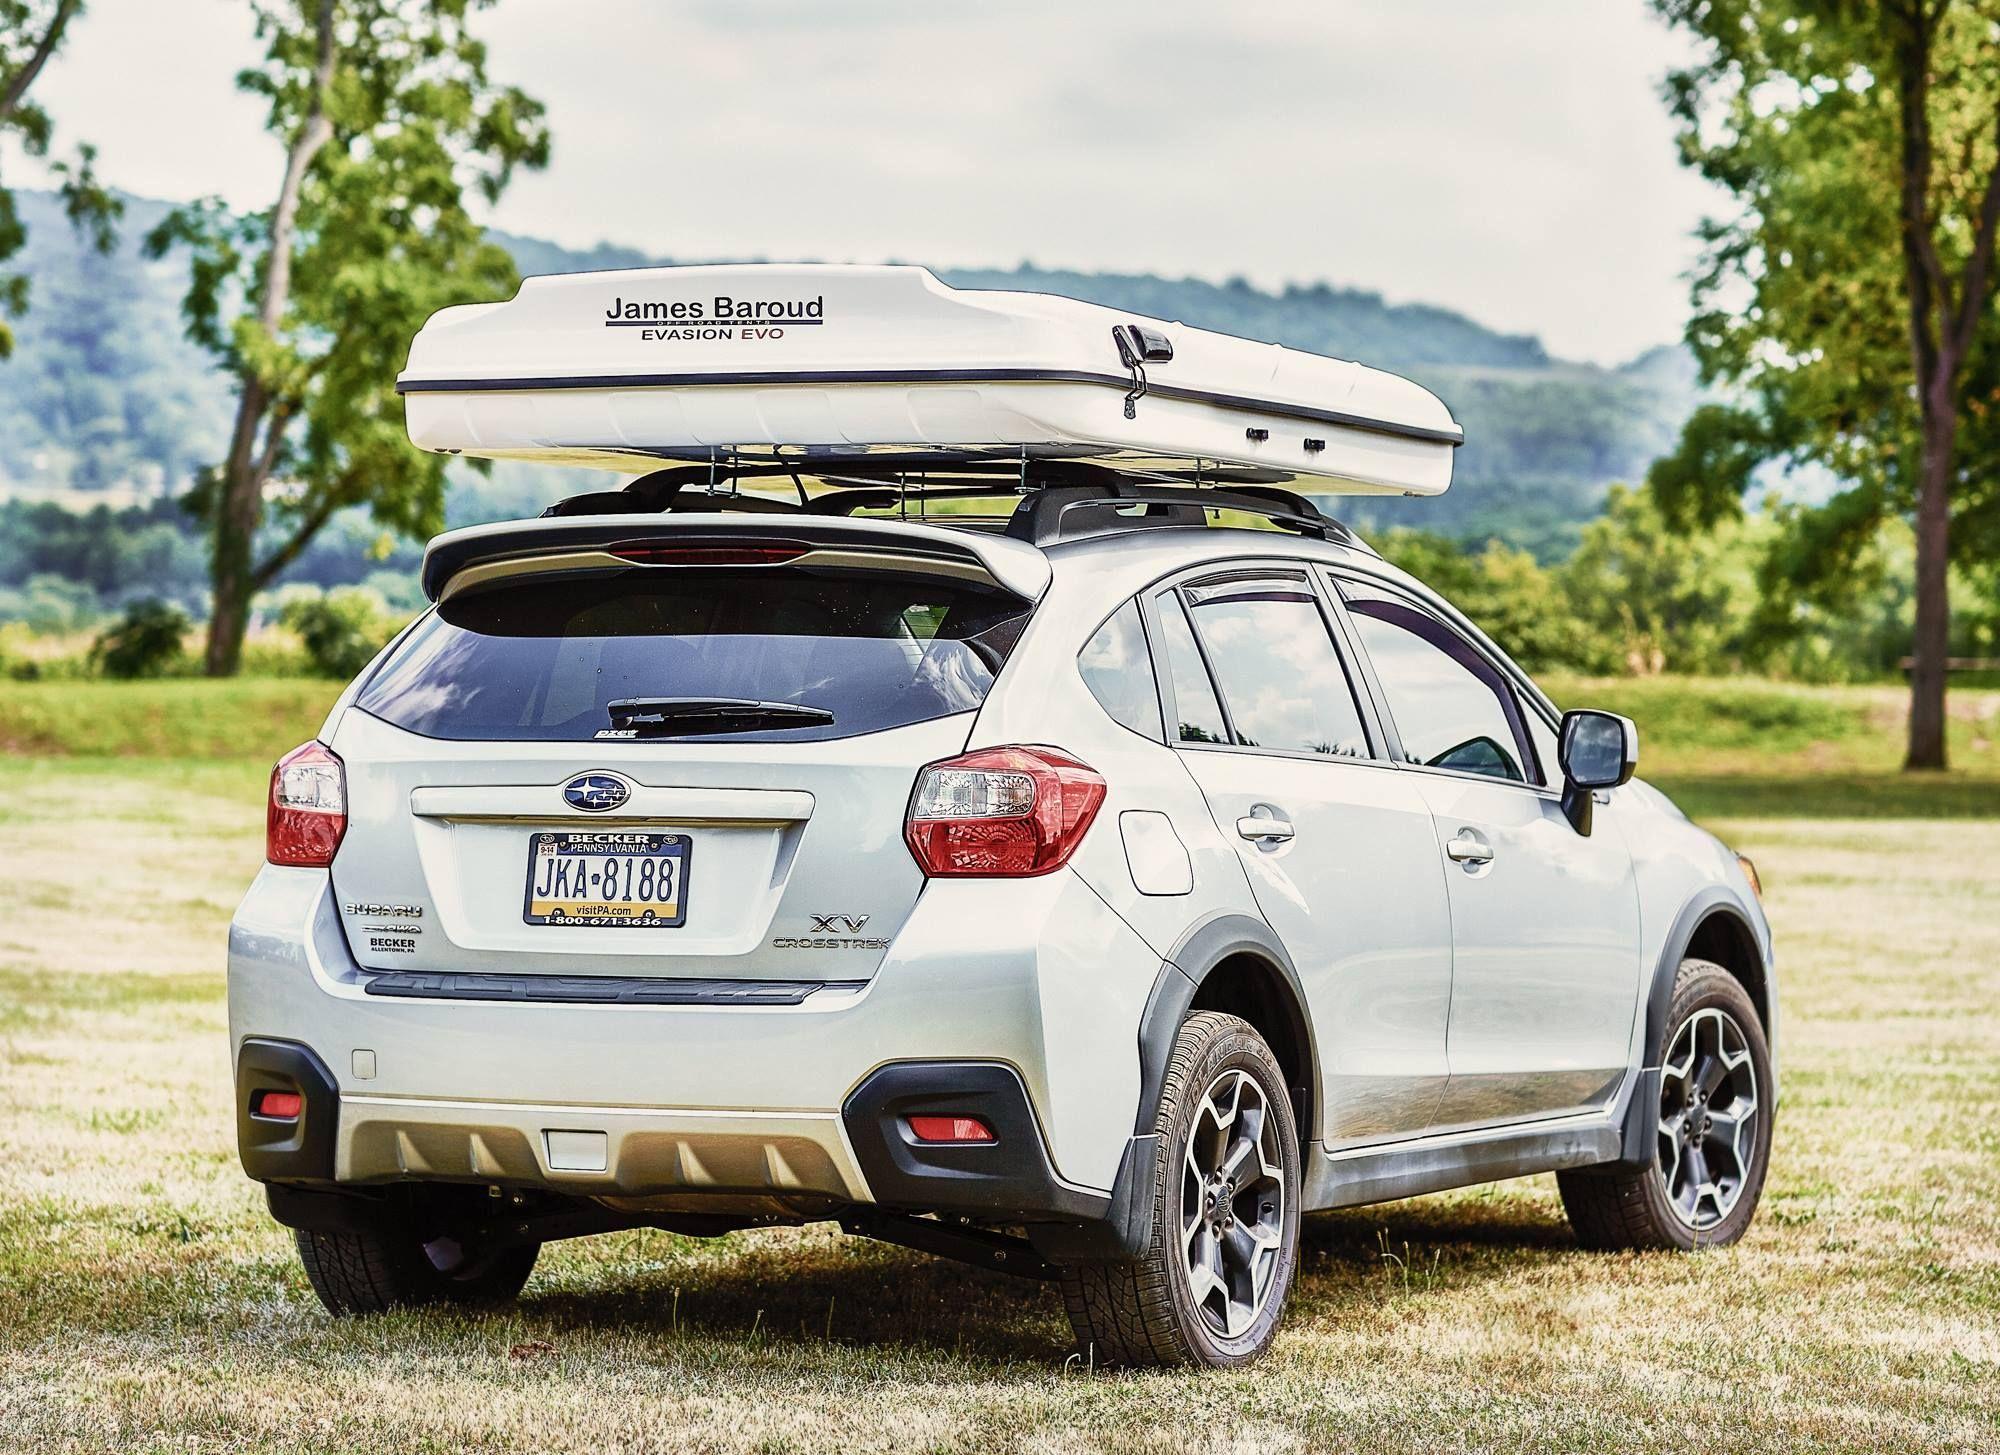 Subaru Xvcrosstrek James Baroud Rooftop Tent Rooftop